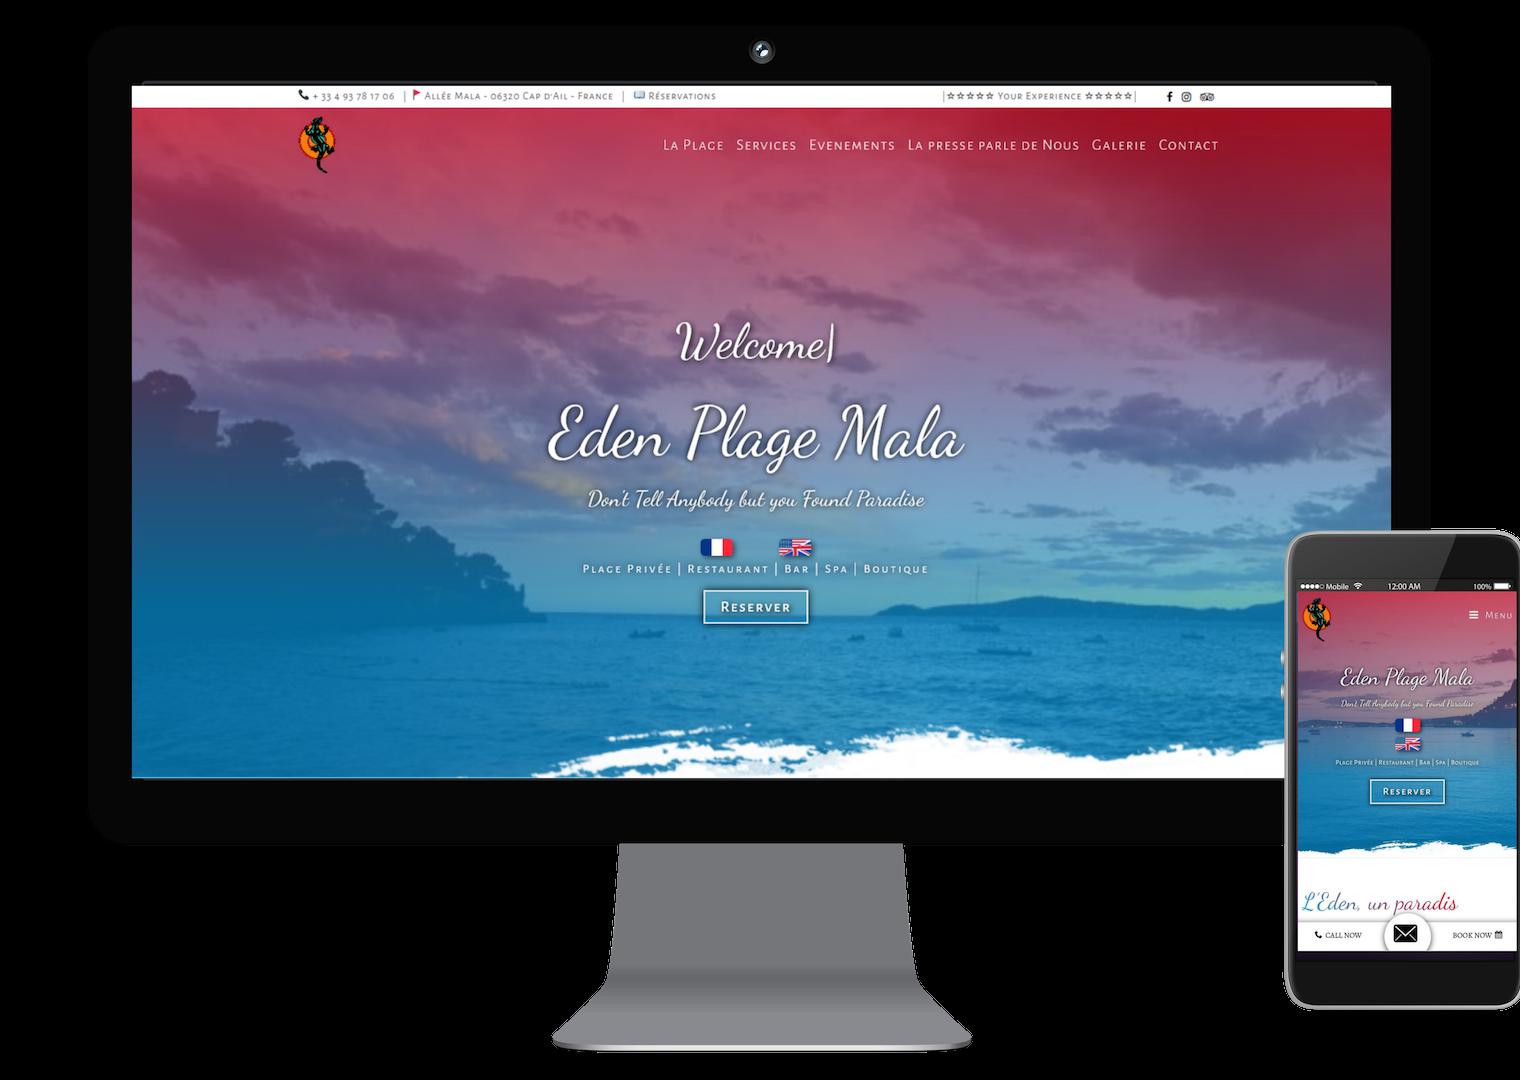 création de site internet complet orienté seo, vitrine de restaurant et plage privée dans les alpes maritimes